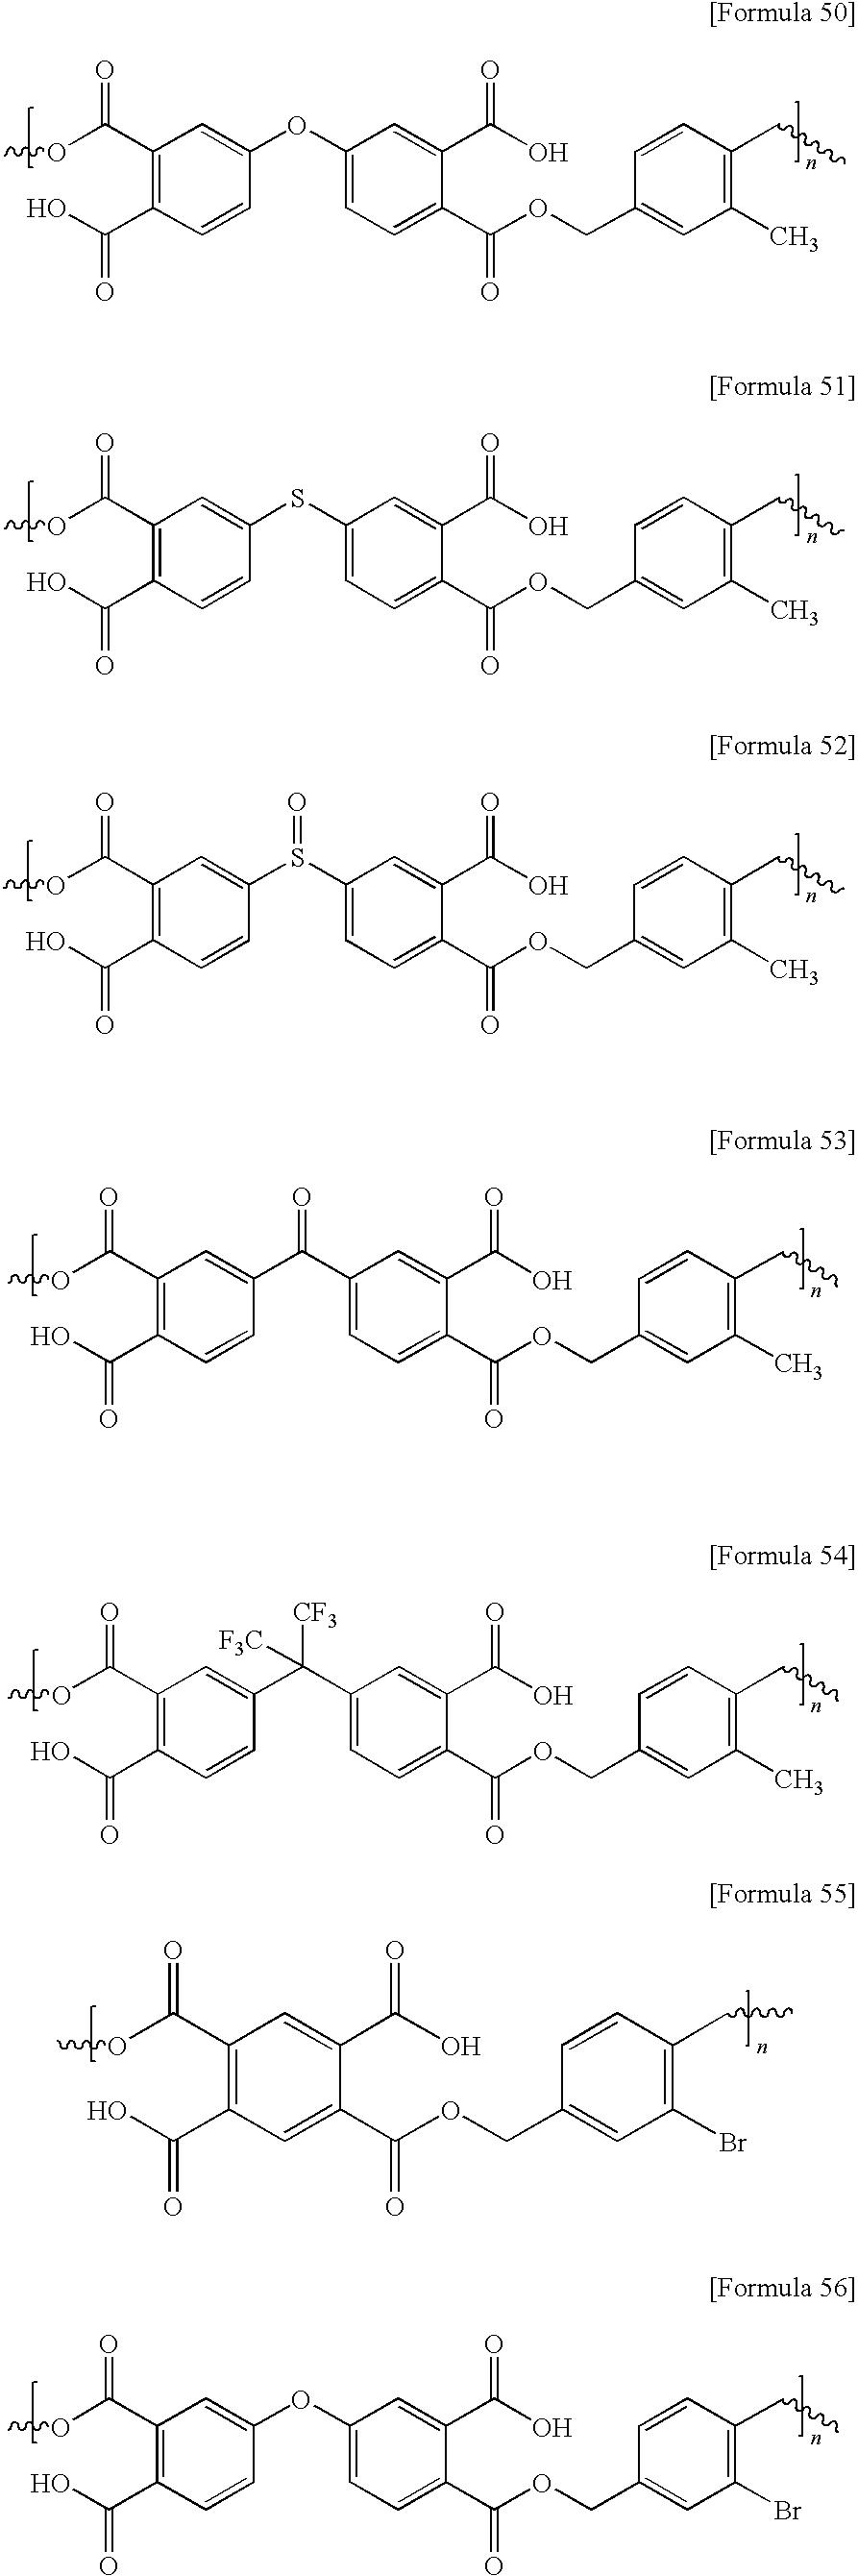 Figure US20100055408A1-20100304-C00021